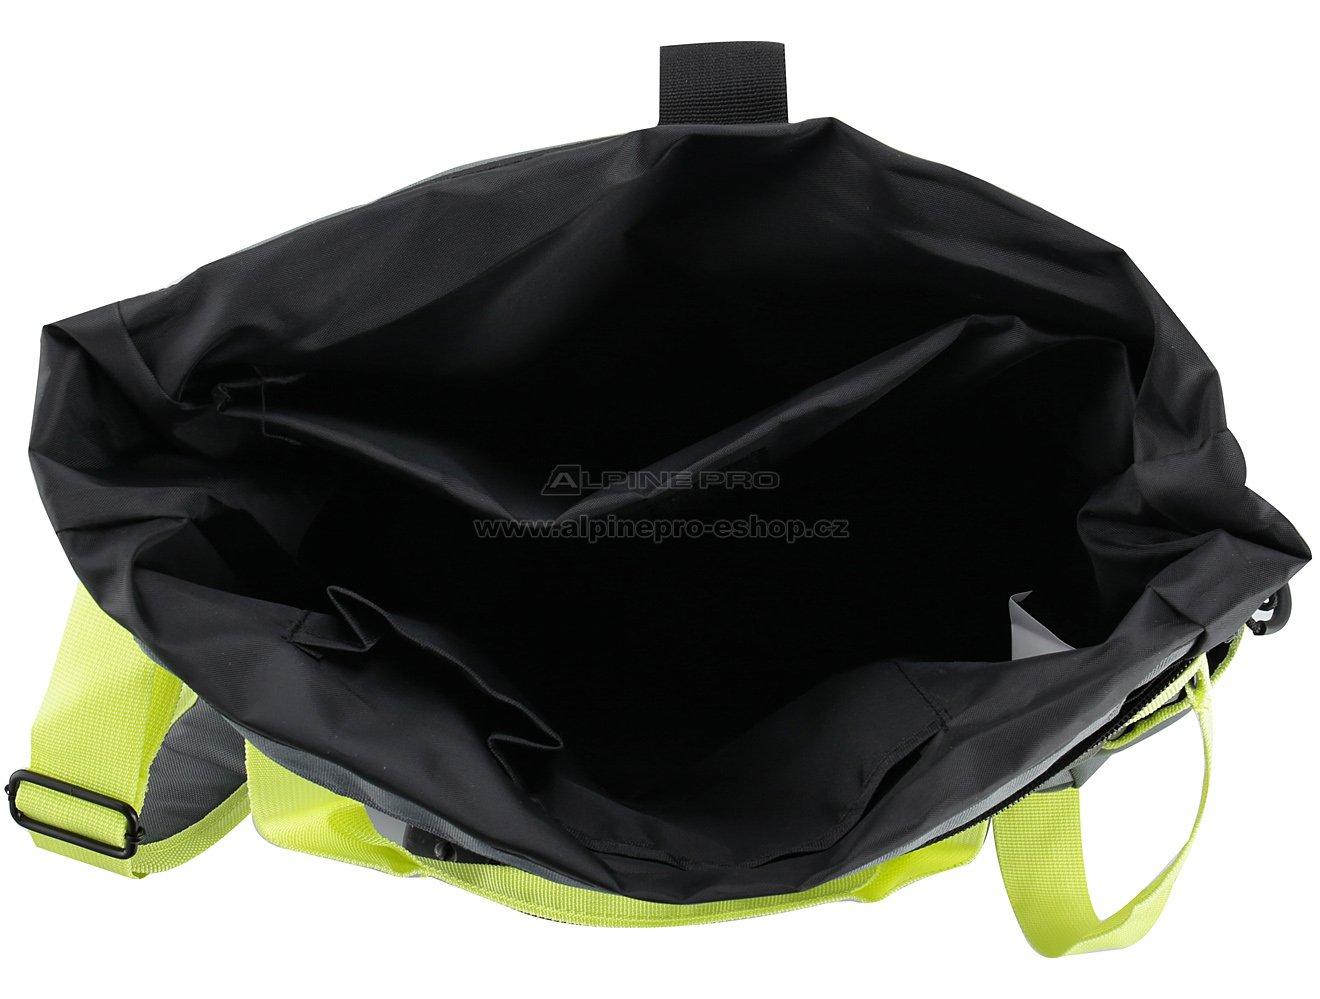 Dámská sportovní kabelka ALPINE PRO BOSEDE LBGN003 ŽLUTÁ velikost ... 517df9f979